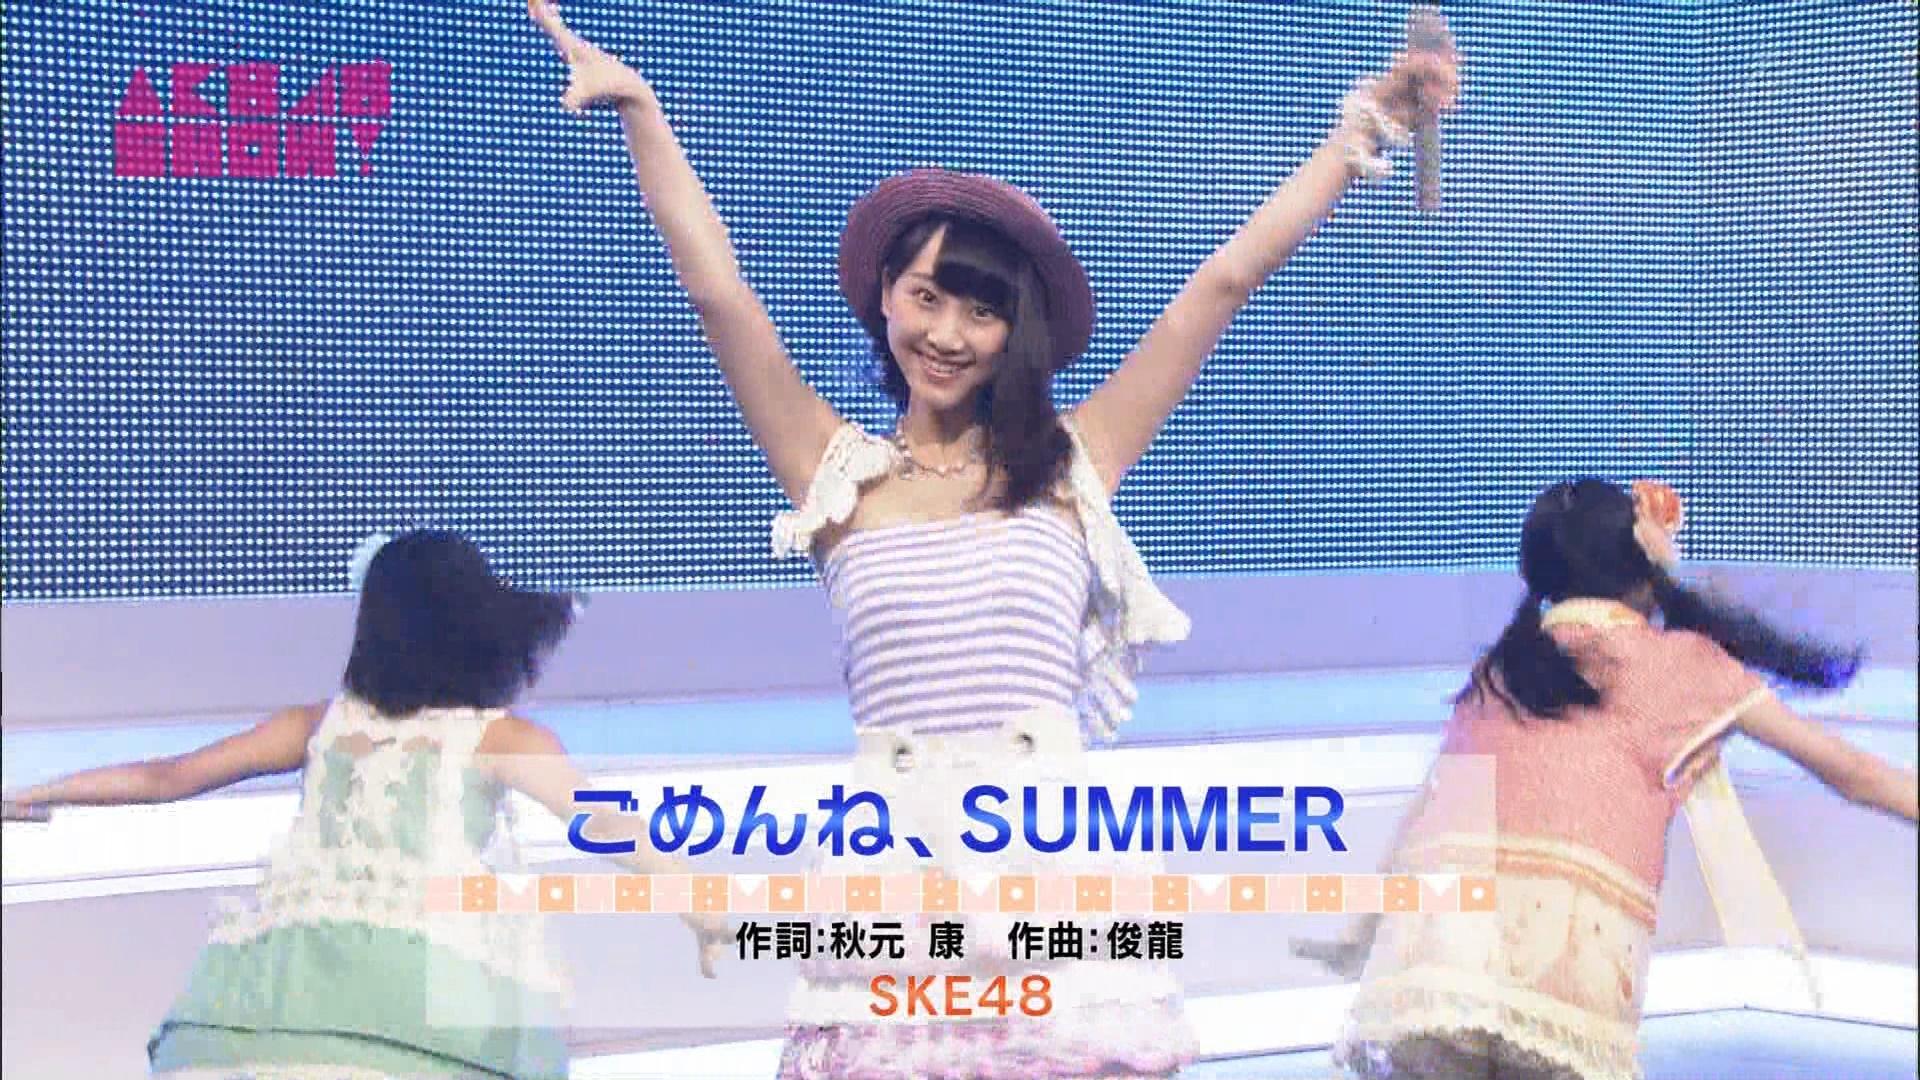 AKB48SHOW ごめんね、SUMMER 松井玲奈 20140830 (1)